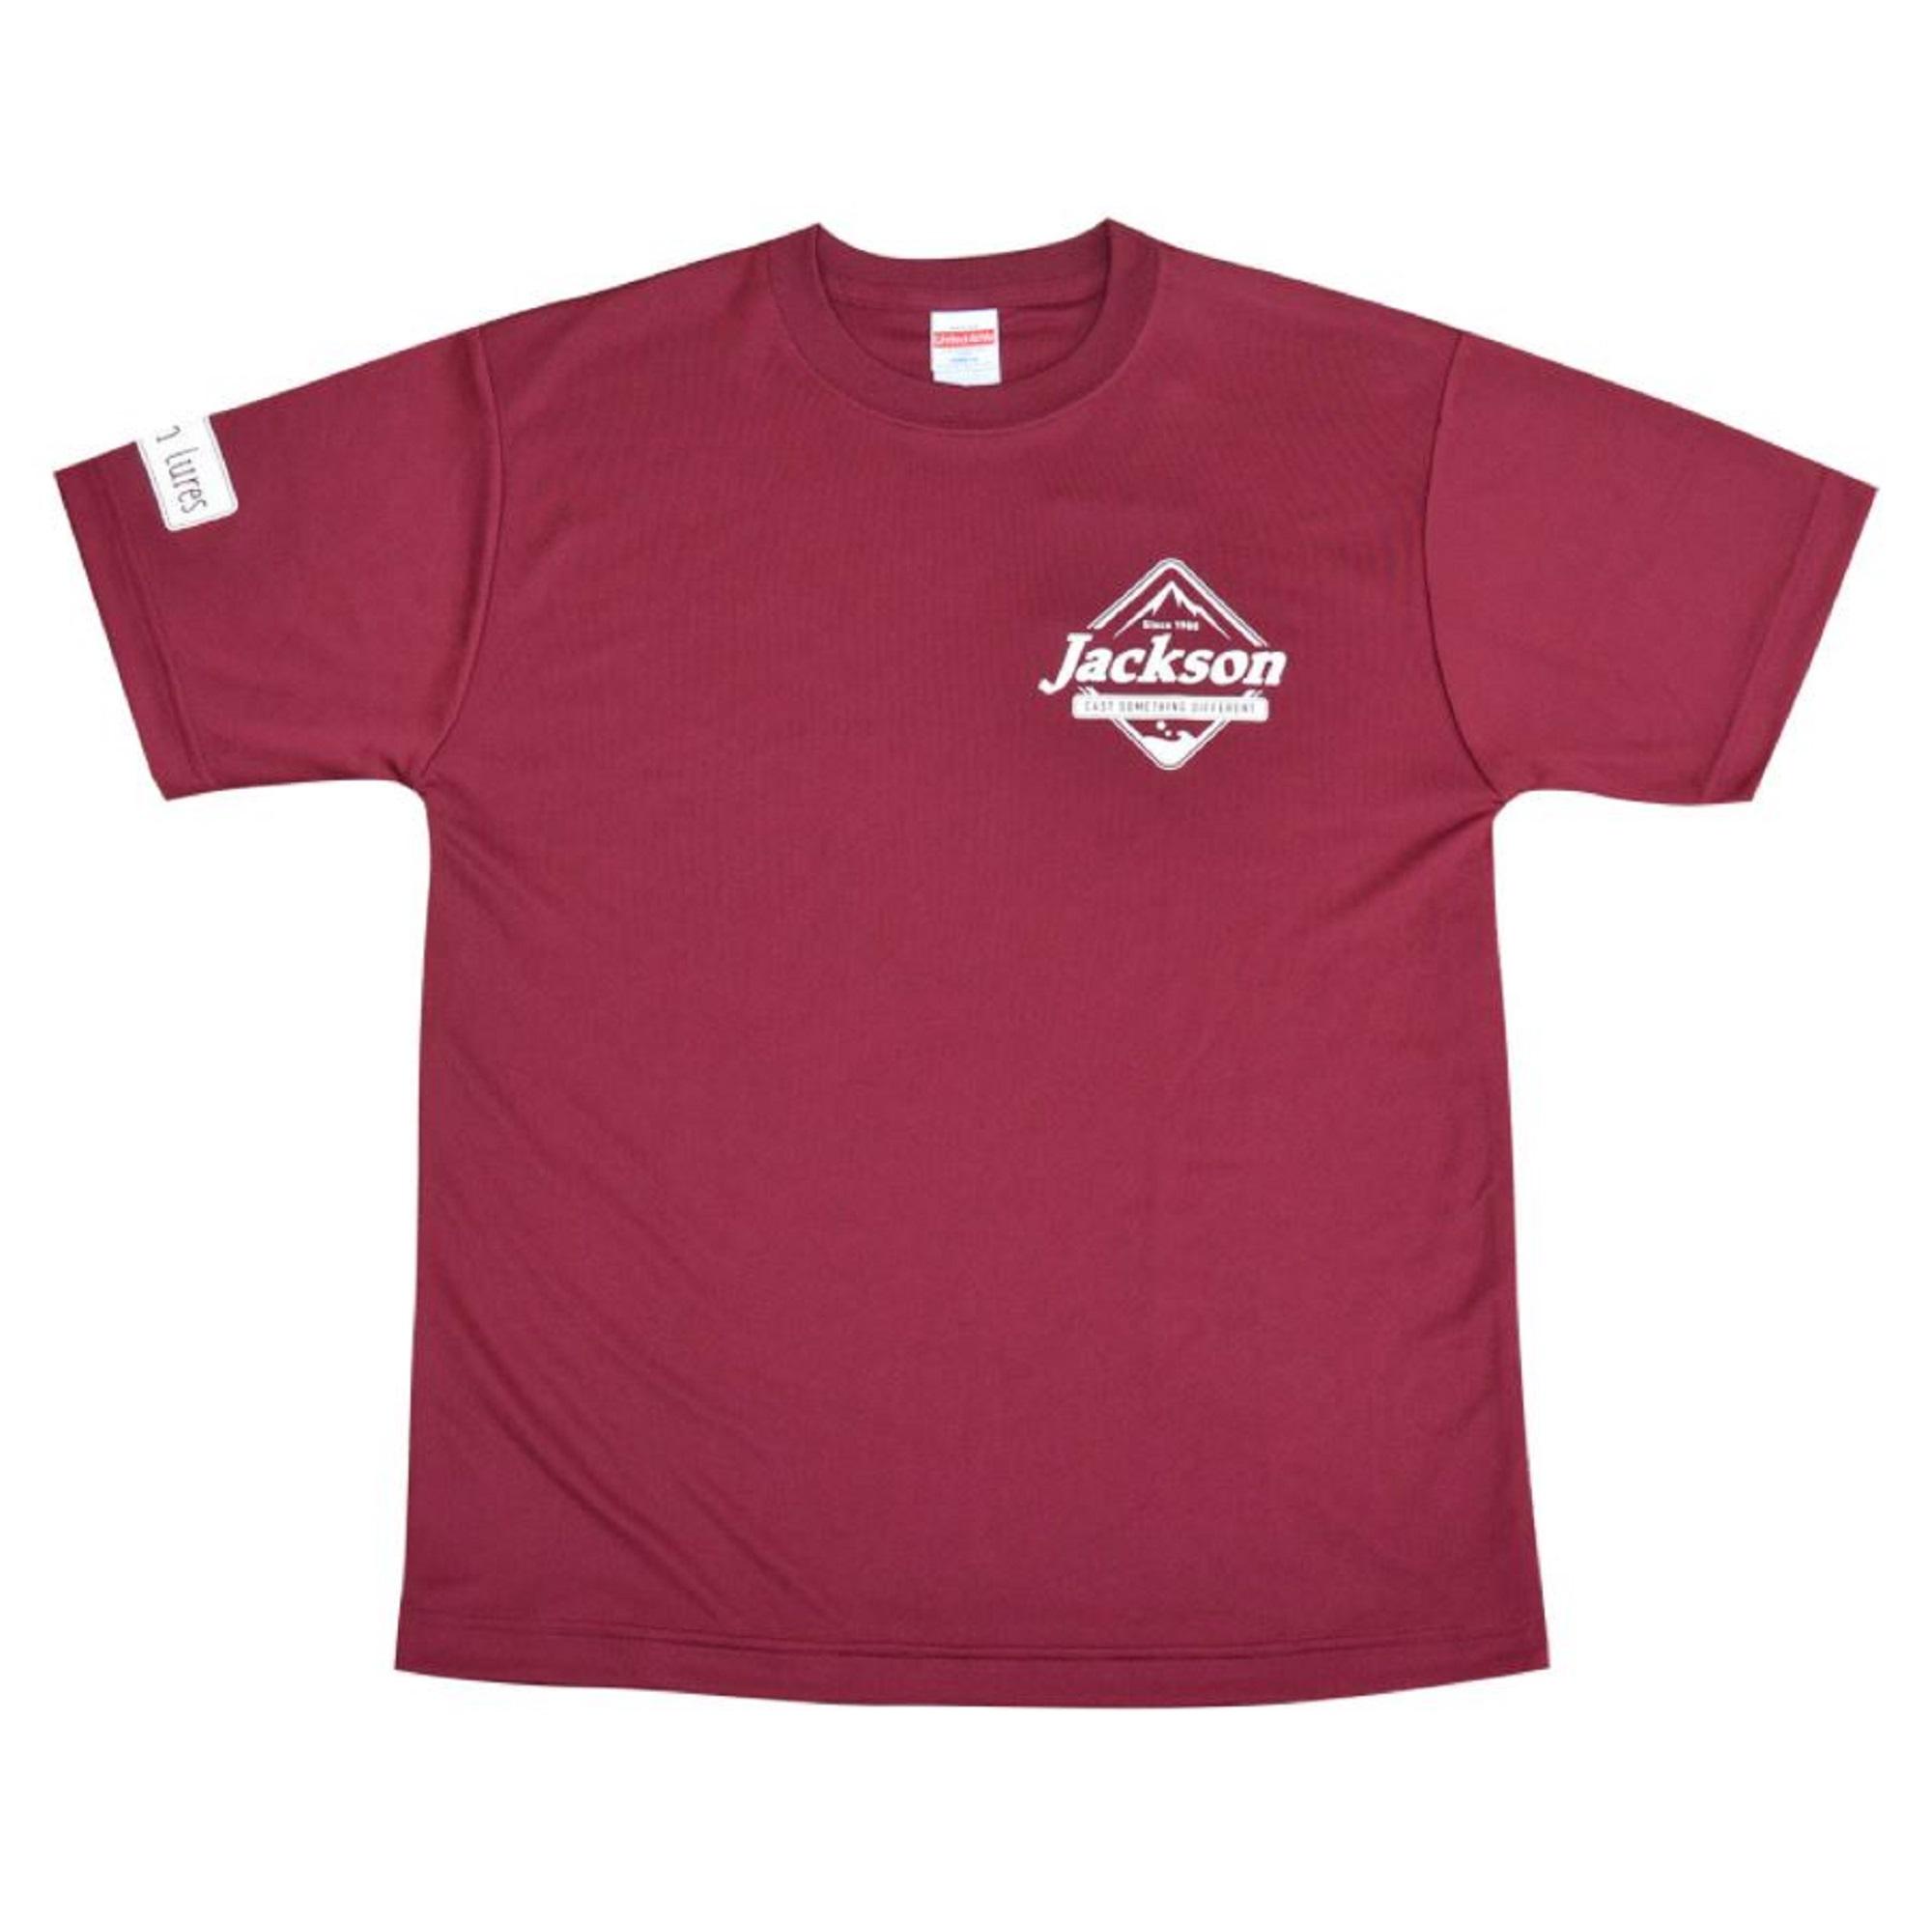 Jackson T-shirt Silky Touch Tee Burgundy XL (9151)